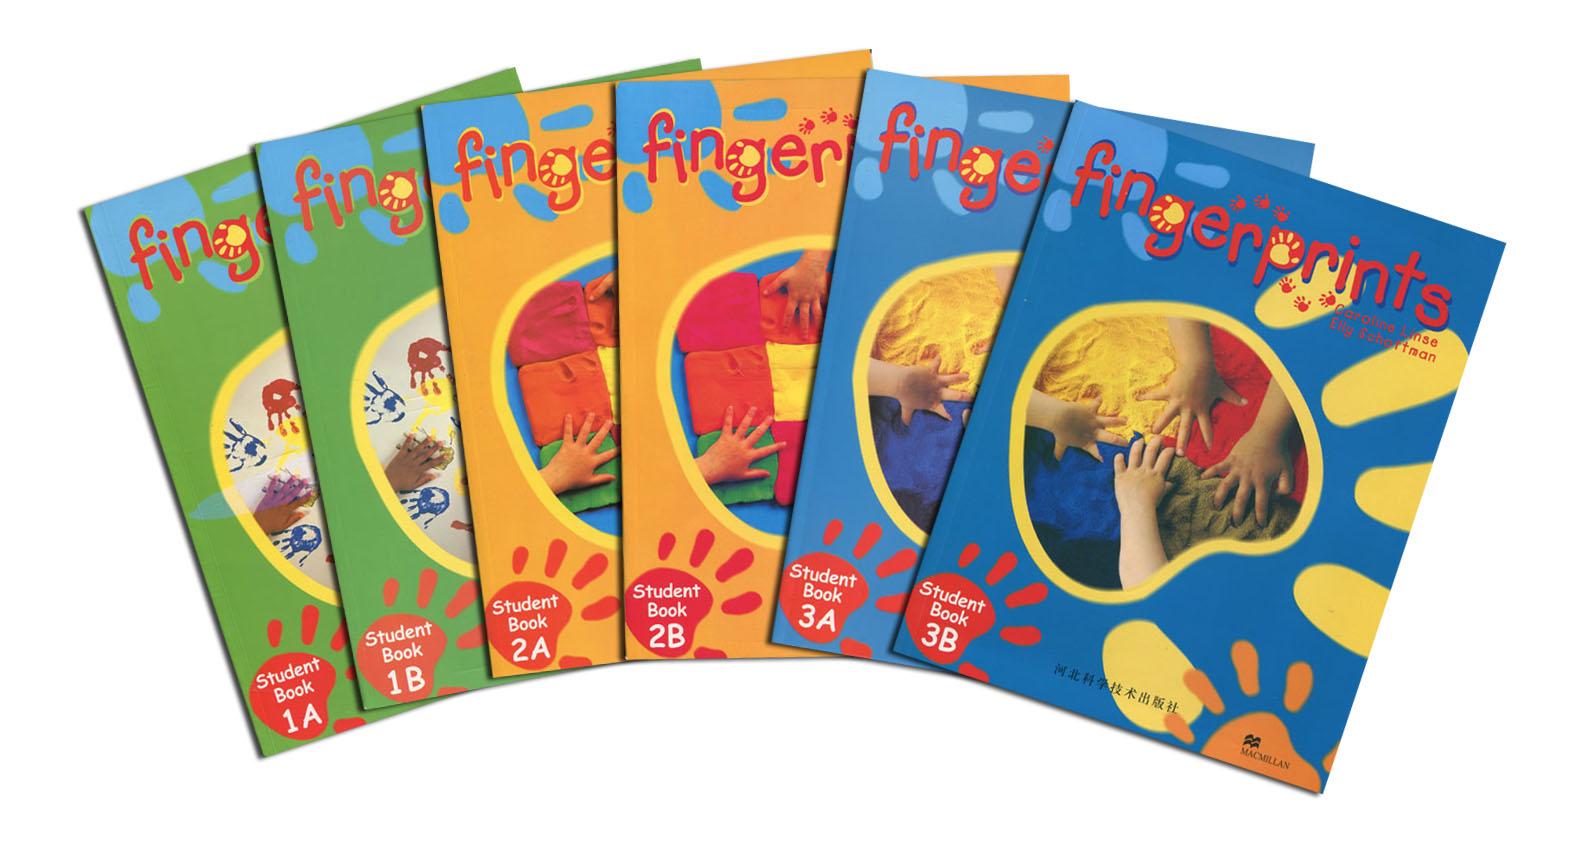 美国幼儿园教材Fingerprints